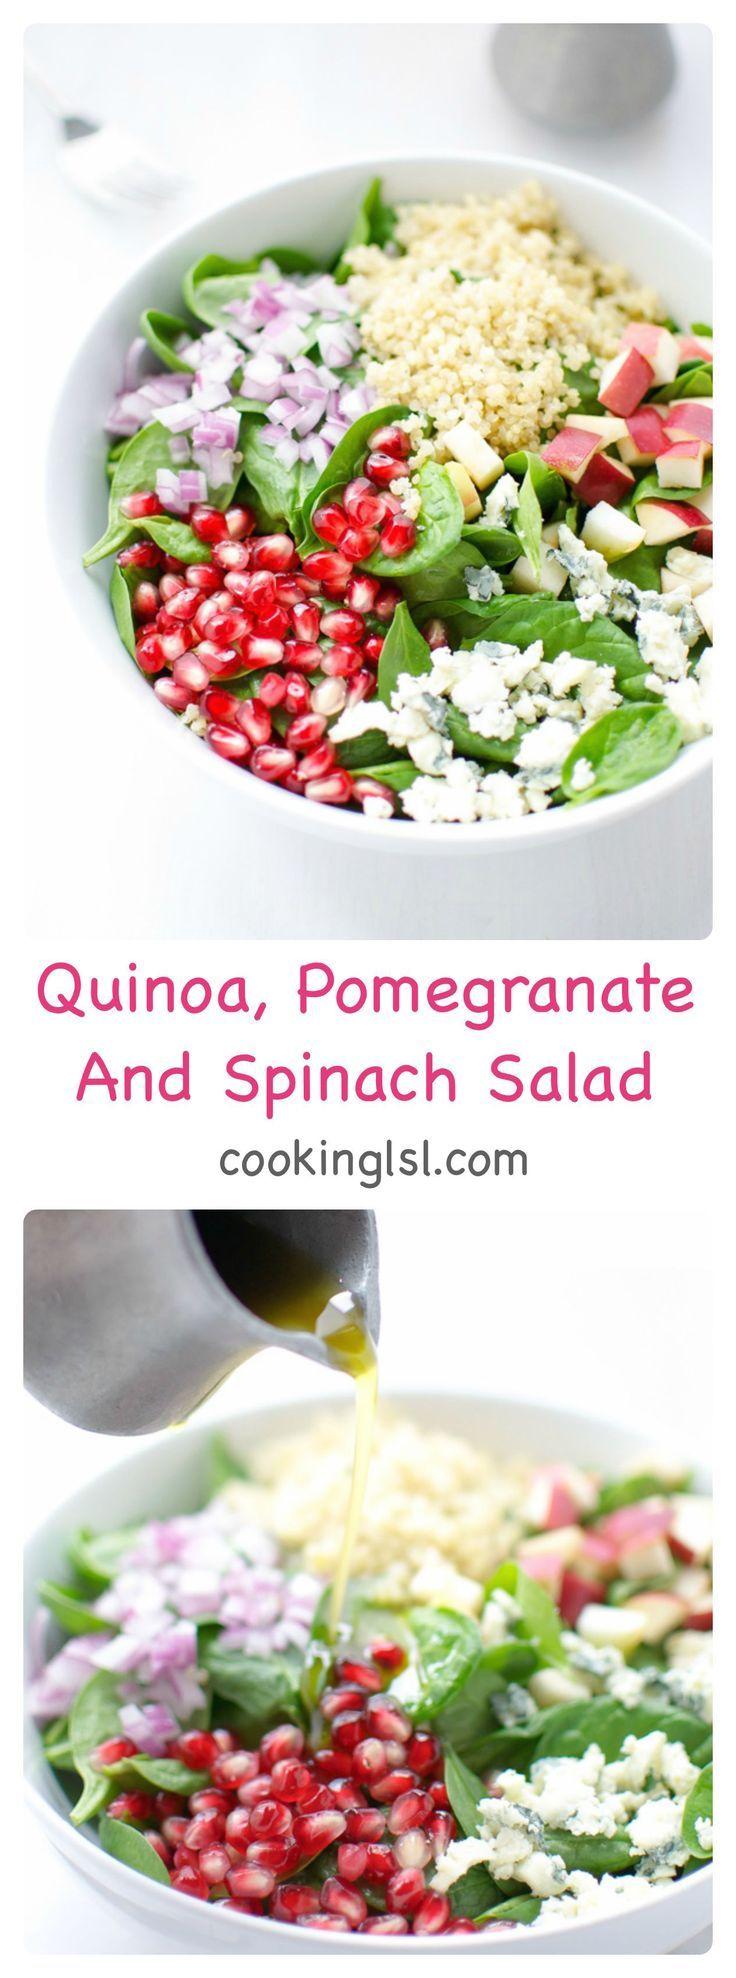 Quinoa , Pomegranate and Spinach Salad